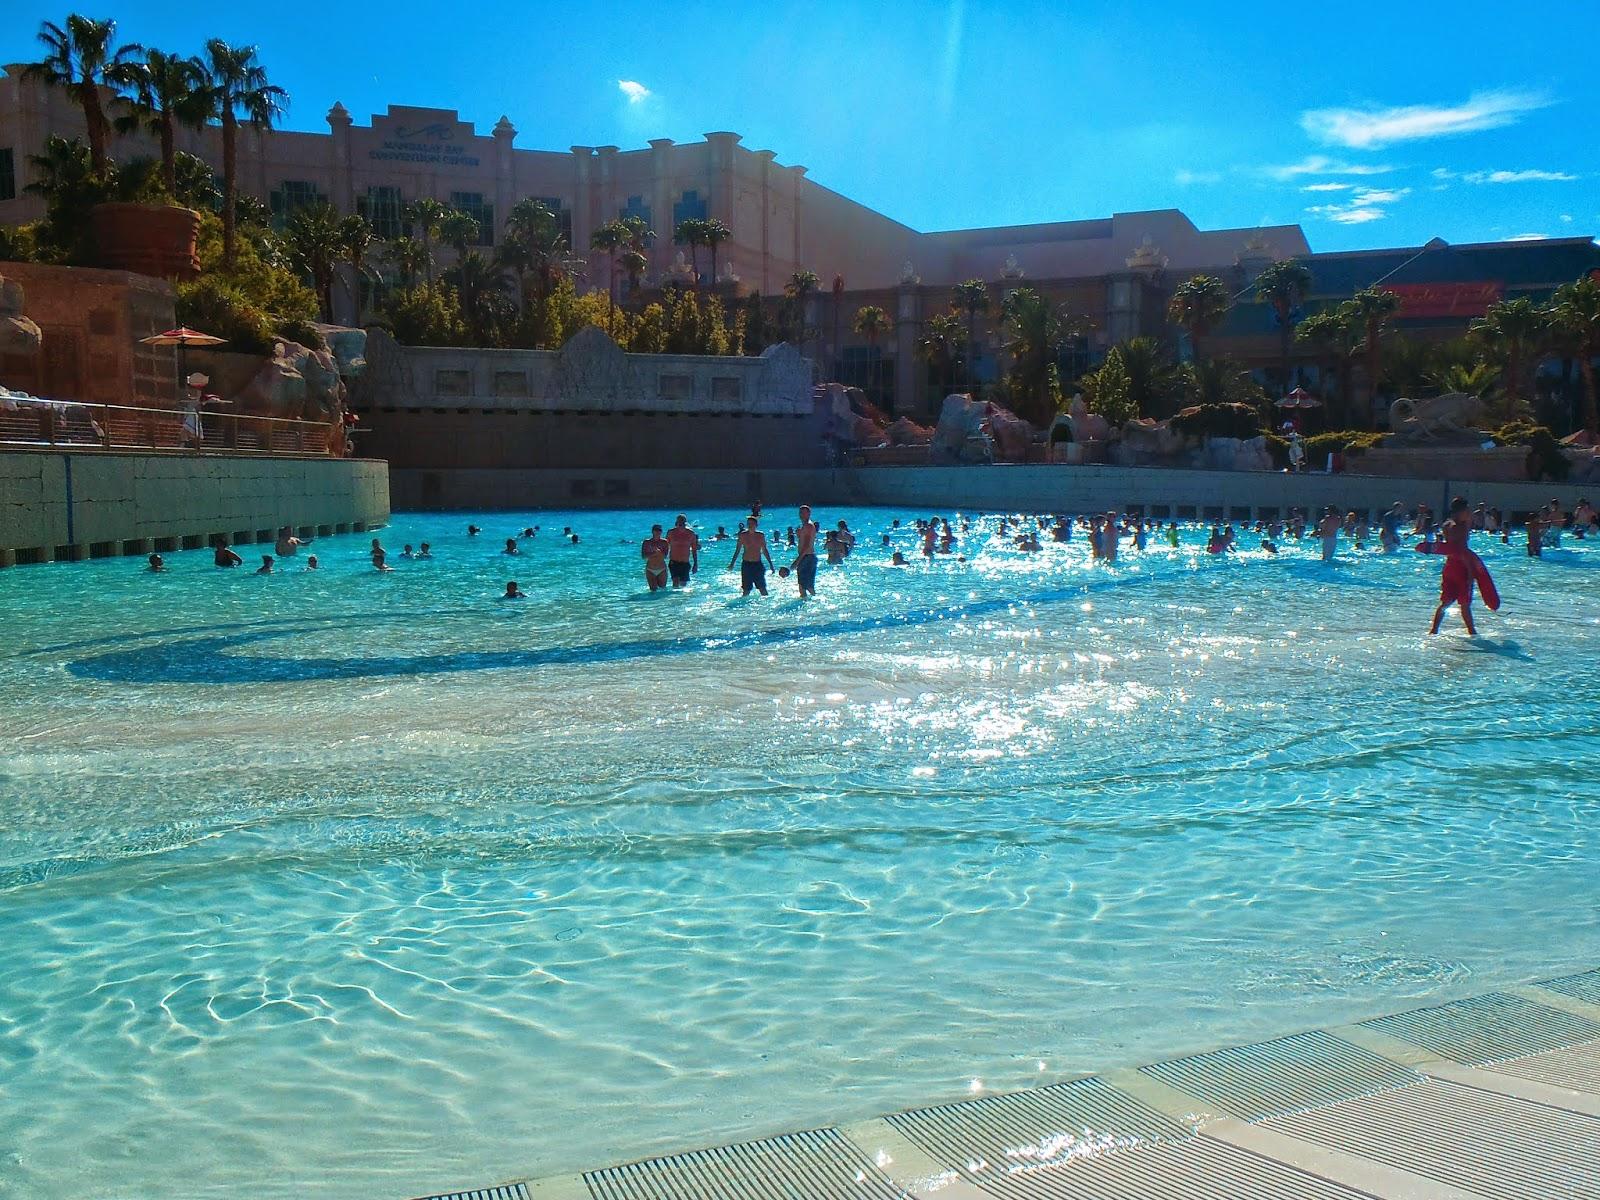 big swimming pool at he Mandalay bay hotel in vegas